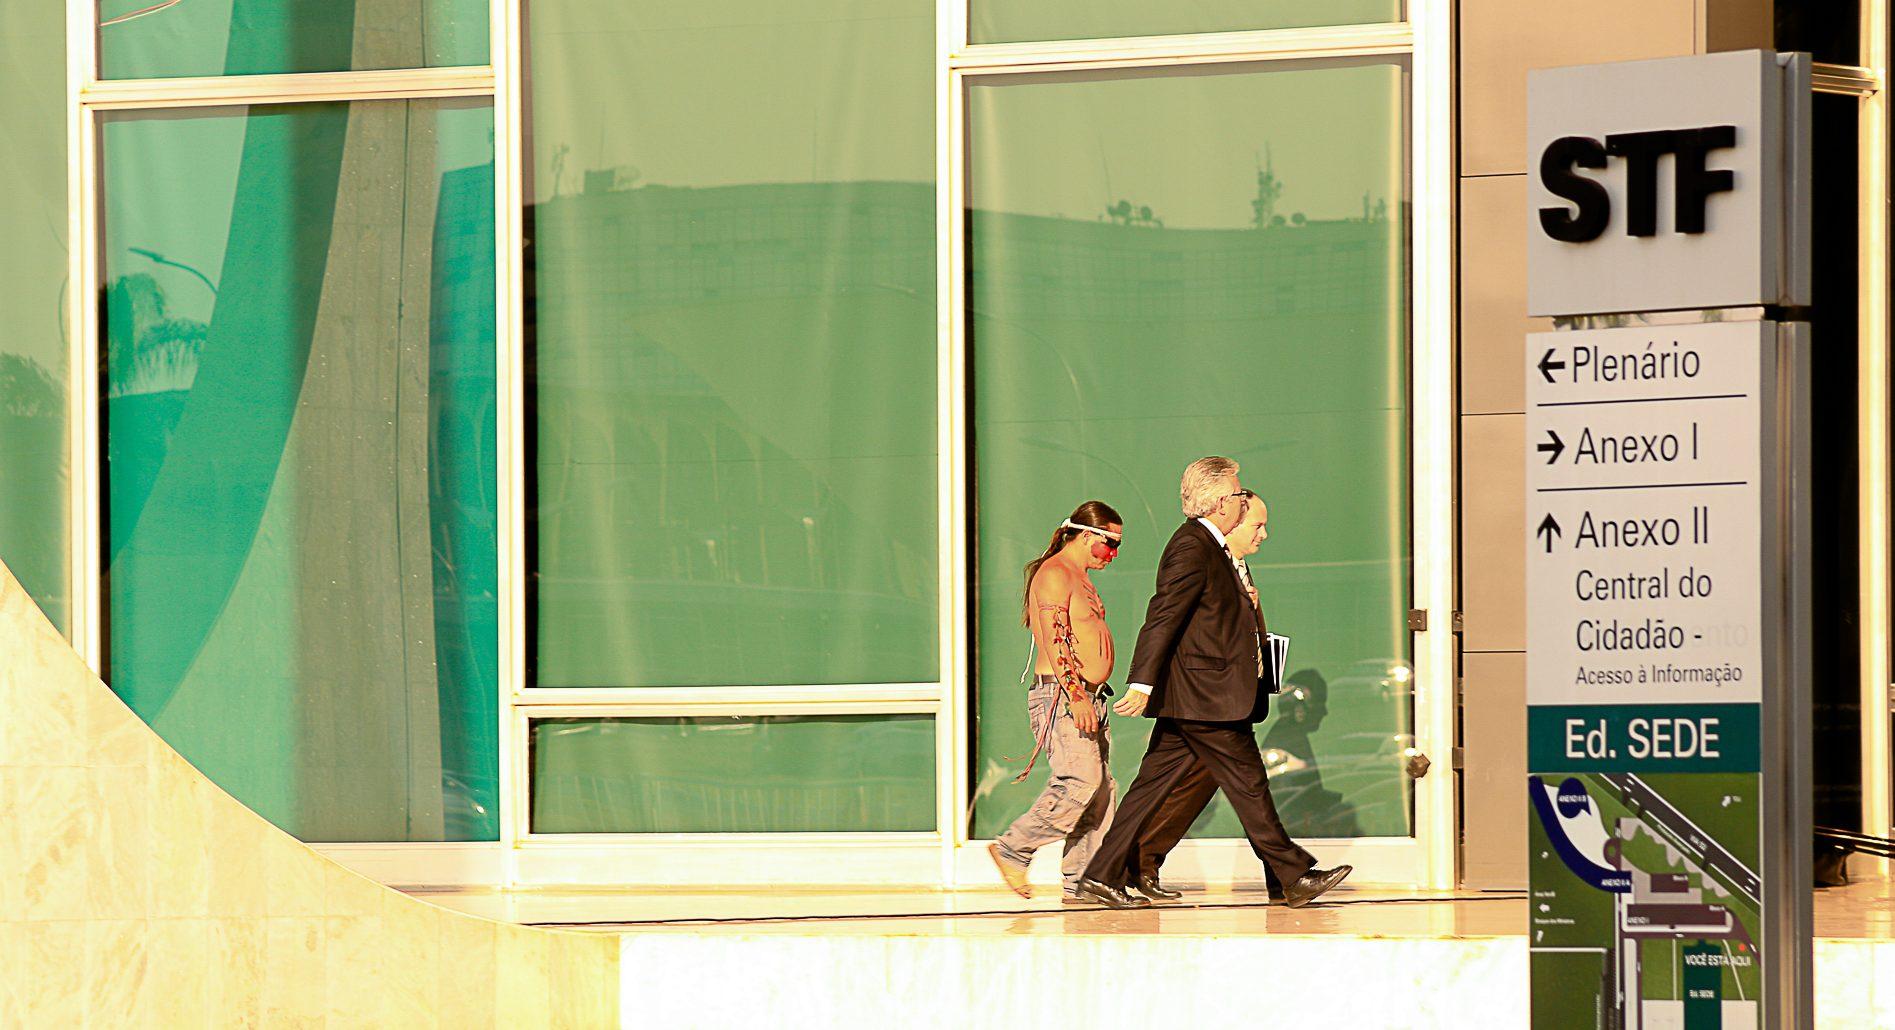 Lideranças, MPF e a ONU reagem contra parecer de Temer que trava demarcações